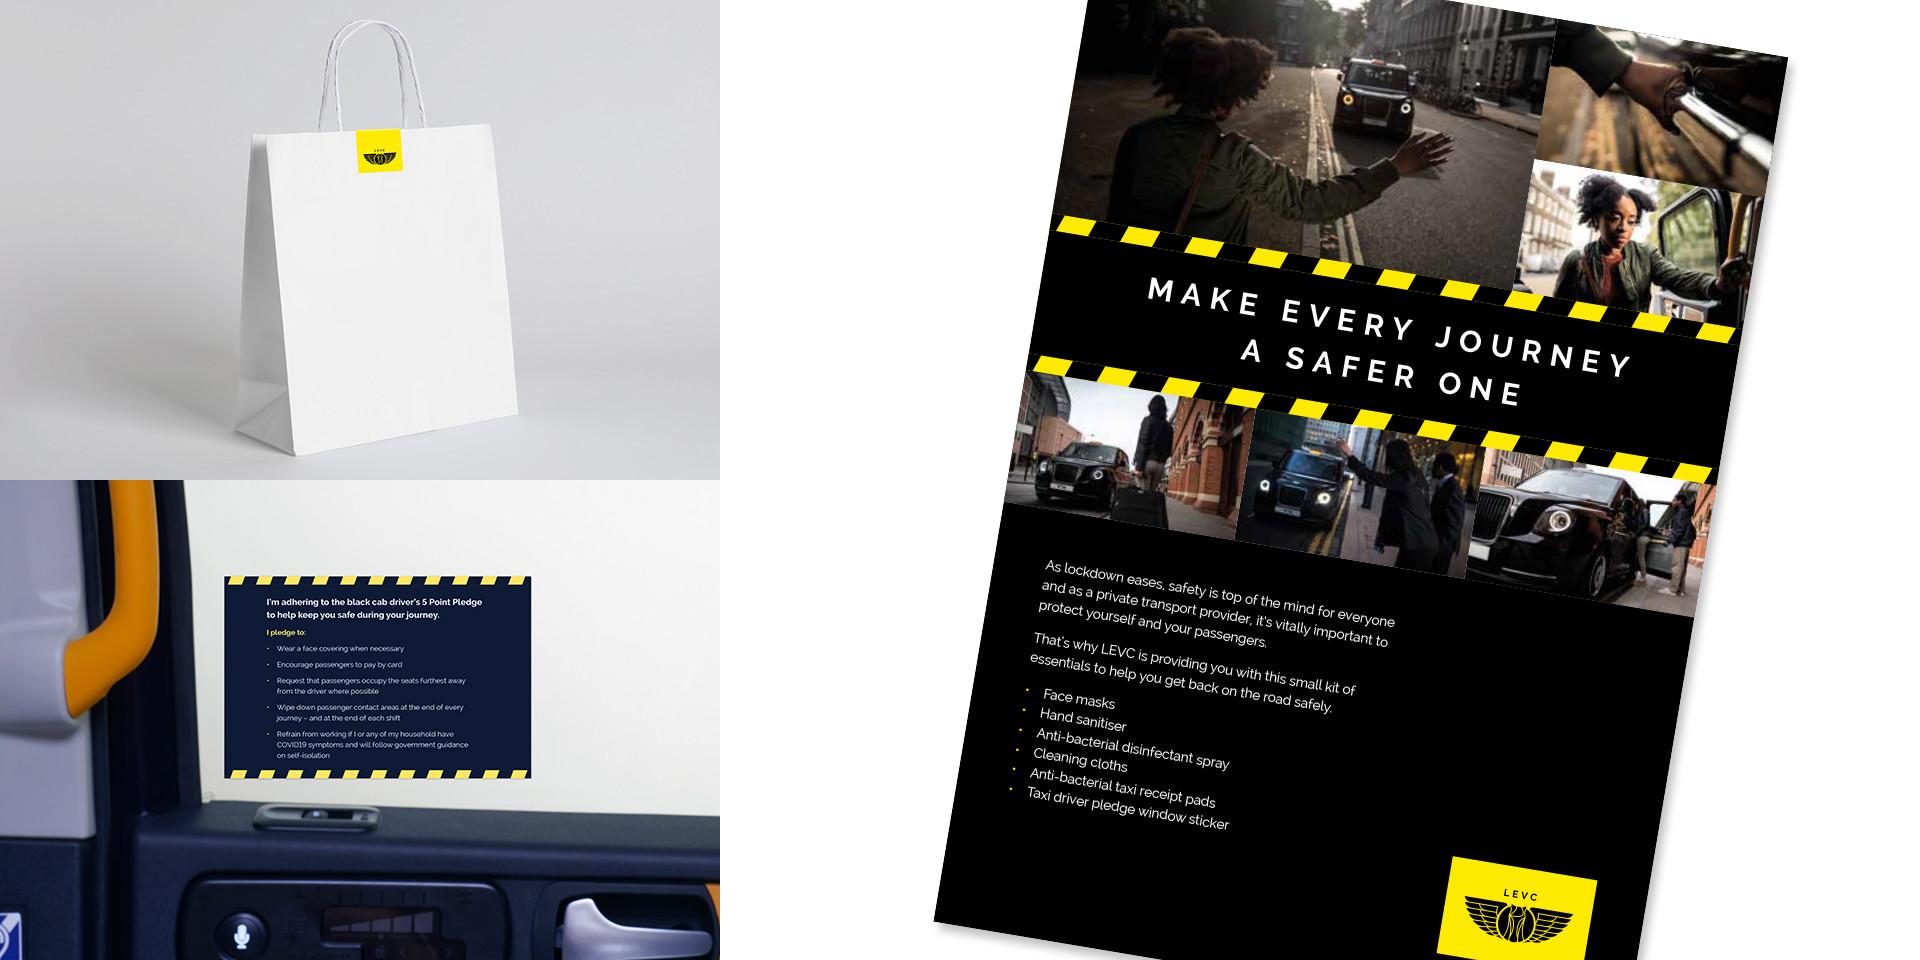 LEVC Case Study B2C London Campaign